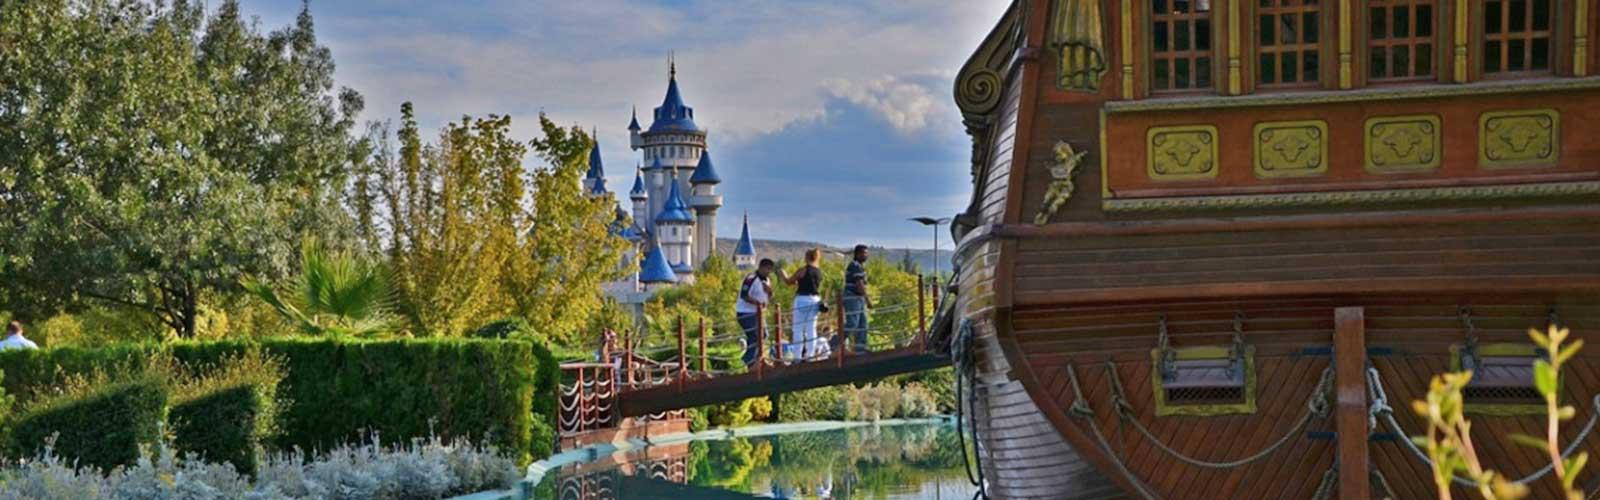 Eskisehir Fairytale Castle